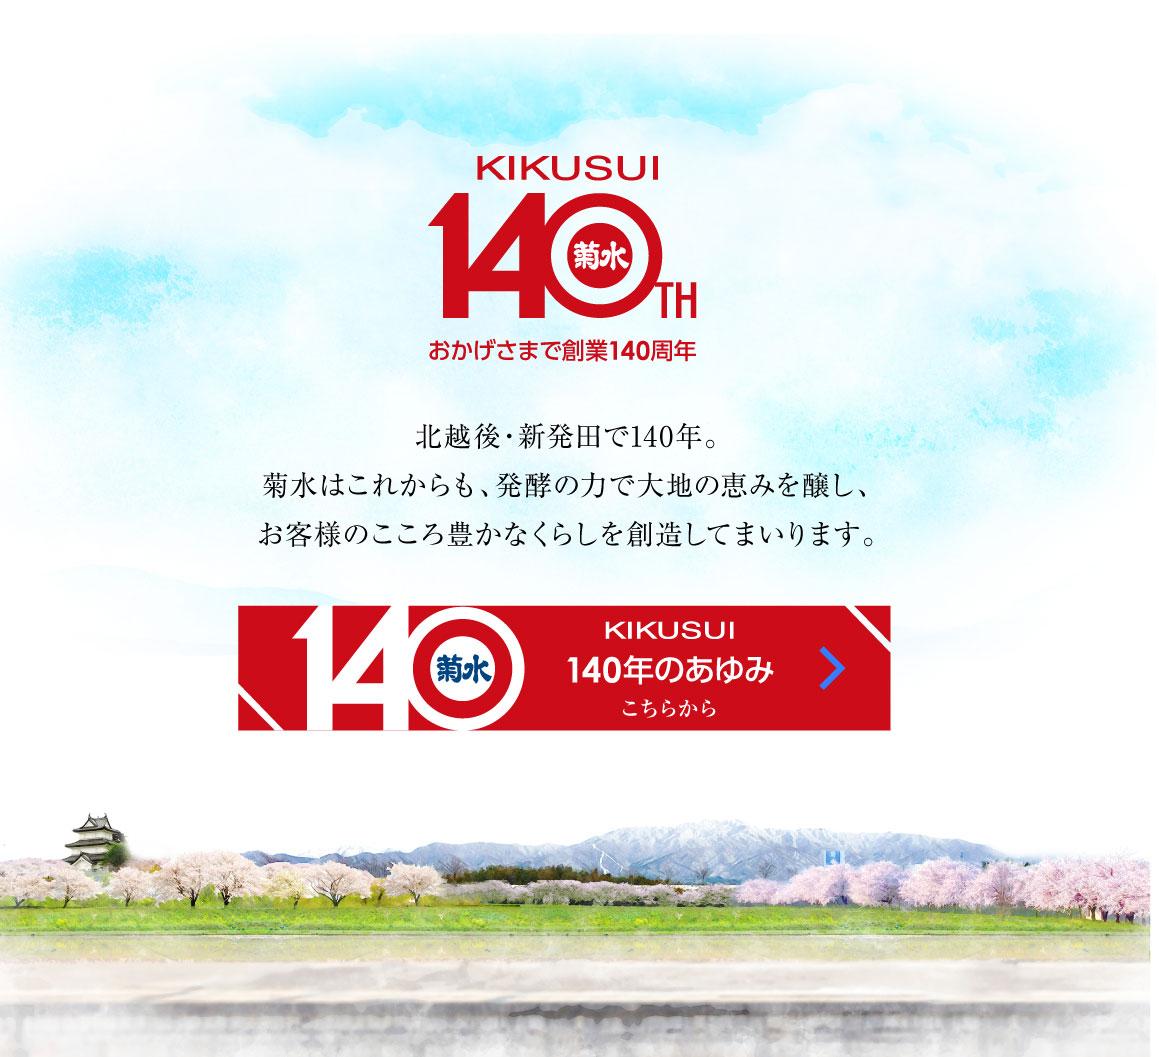 おかげさまで創業140周年キャンペーン